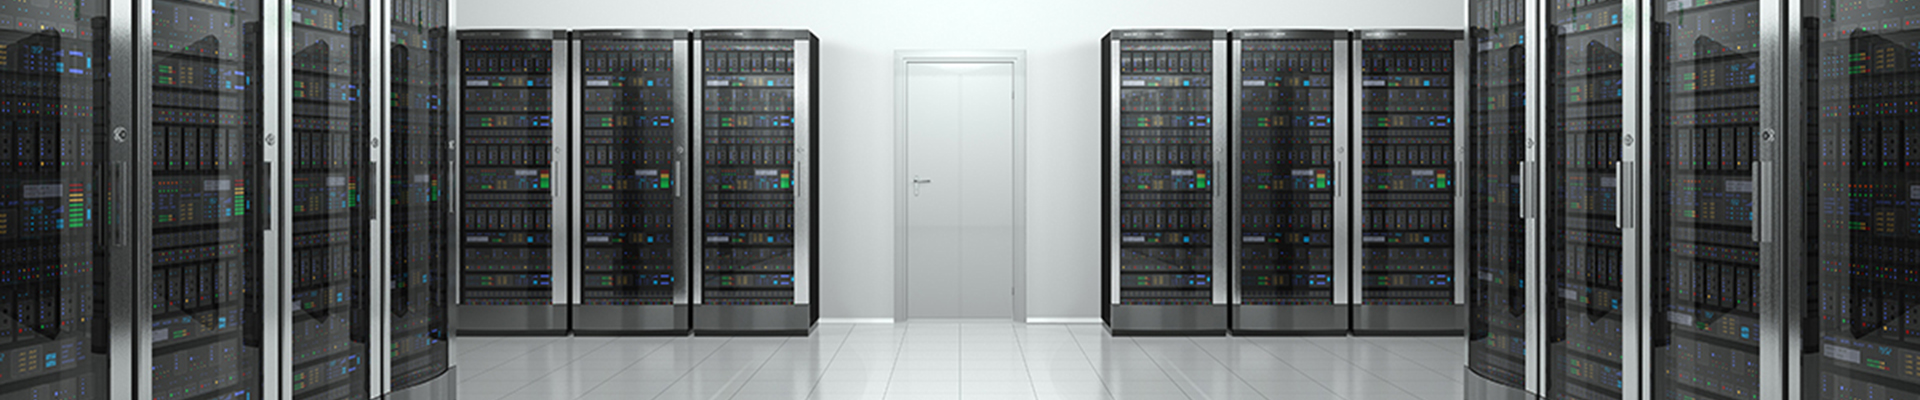 Server apertura